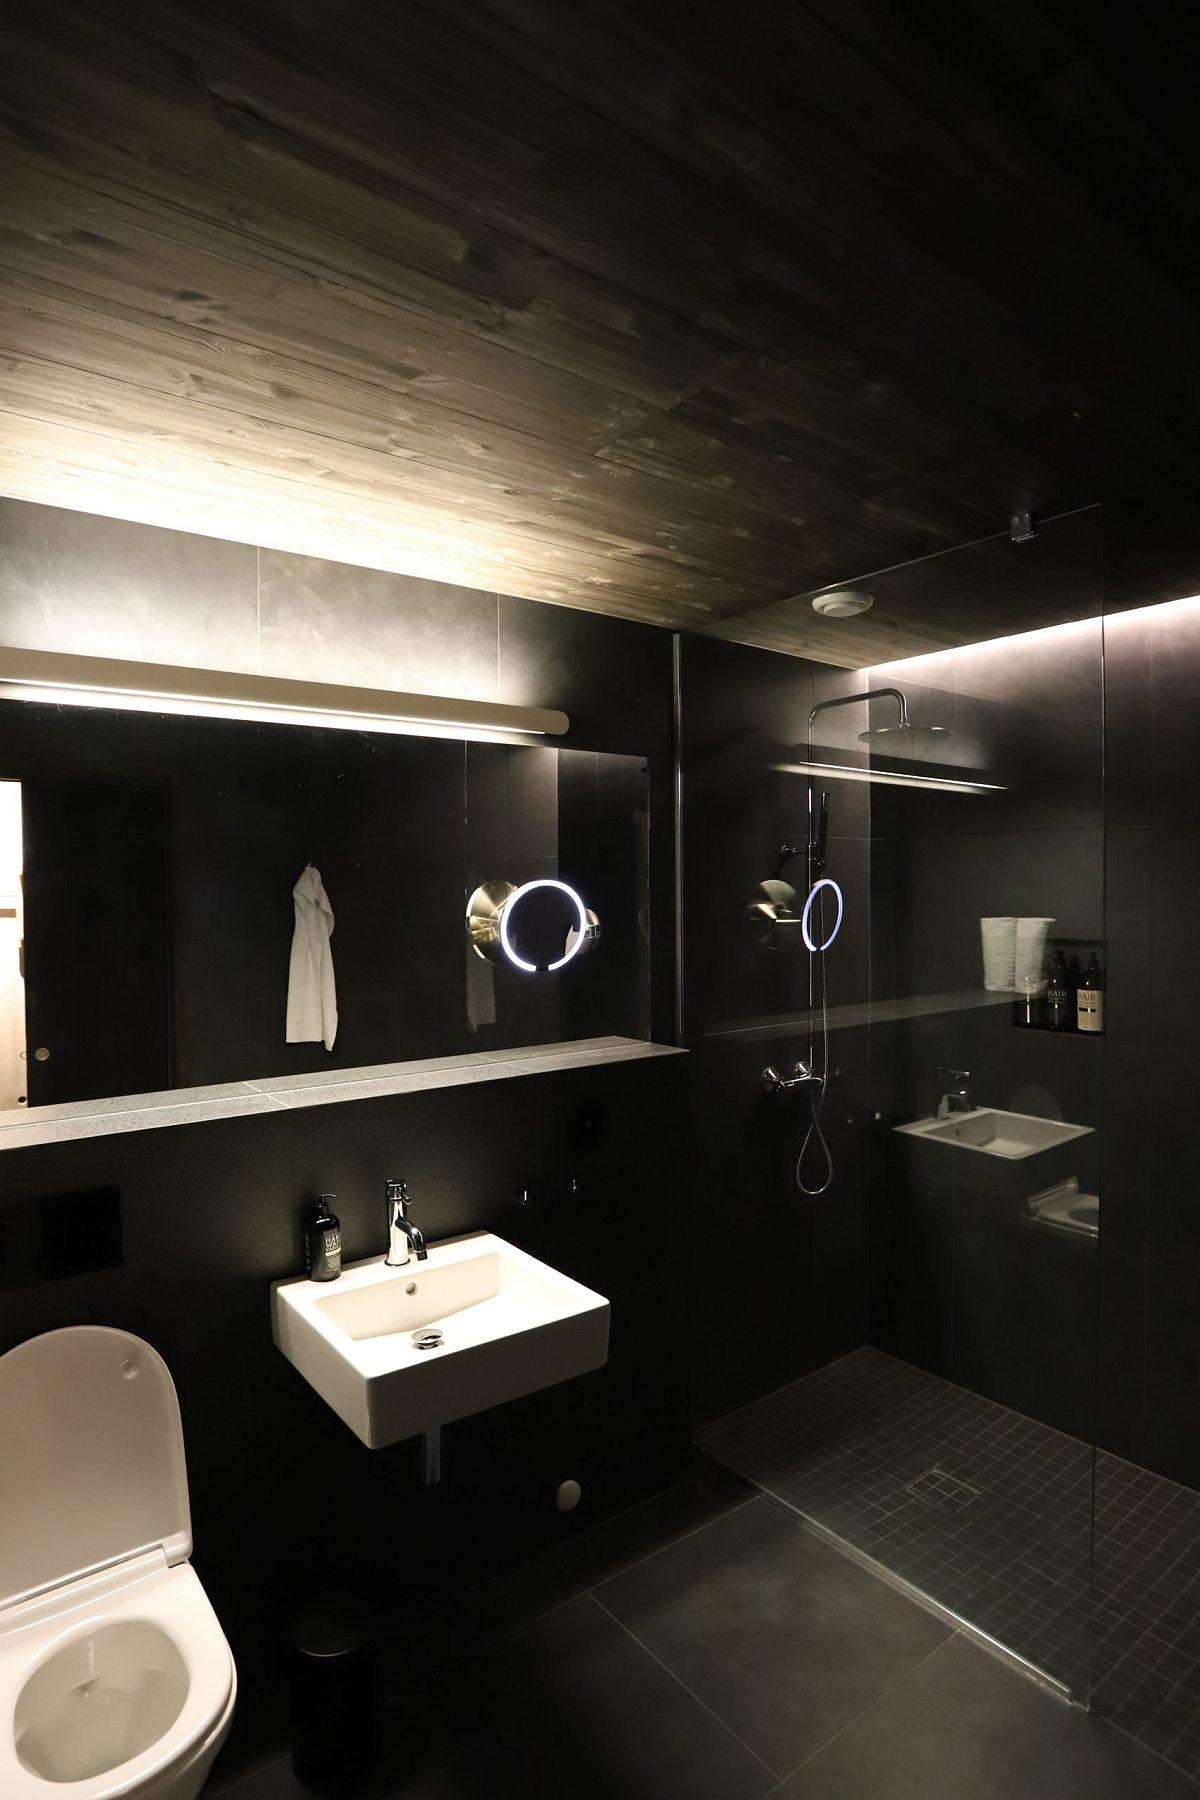 Fabulous-dark-bathroom-in-black-combines-modern-design-with-Scandinavian-simplicity-96975